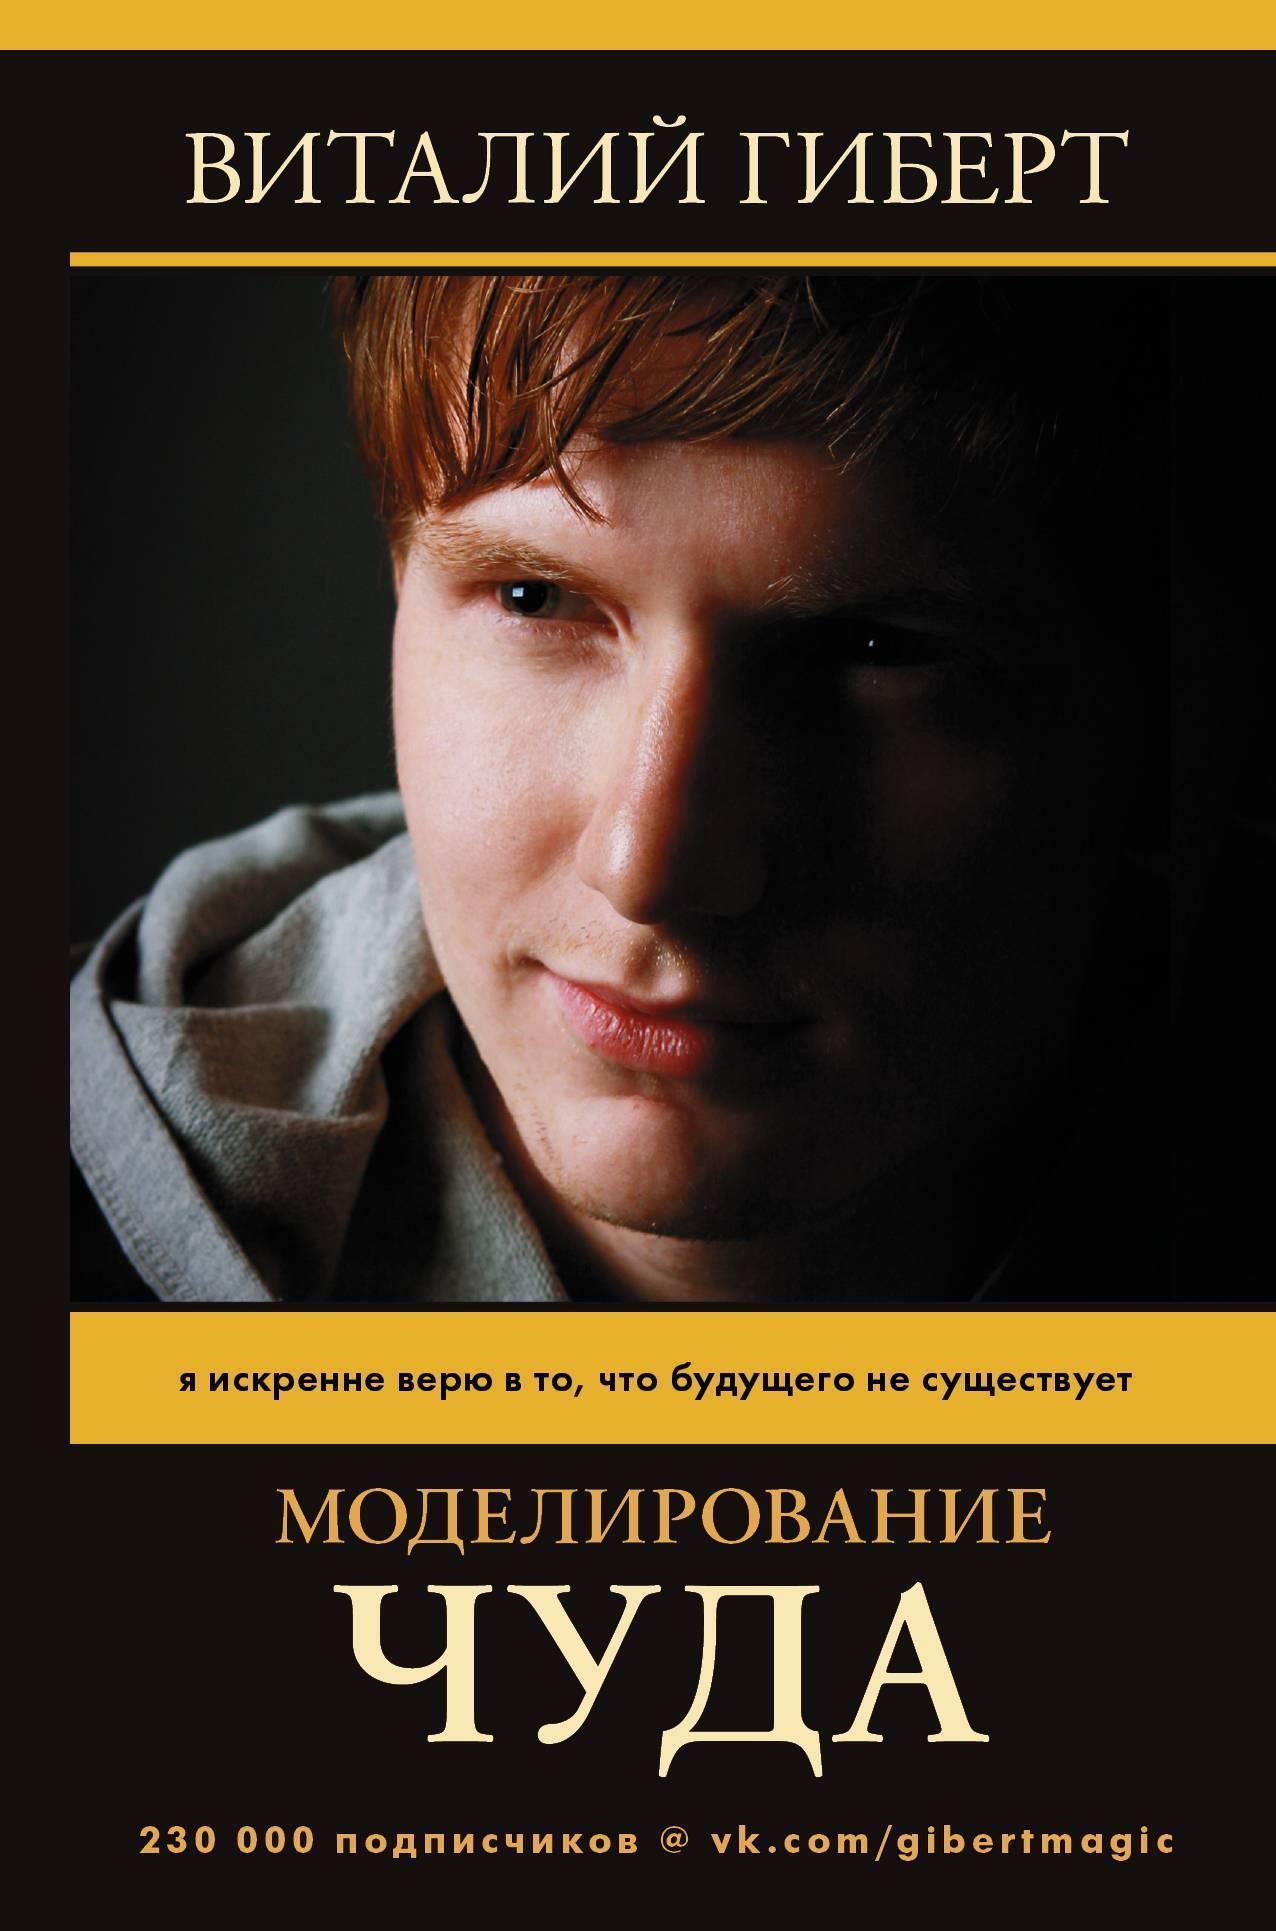 """Книга """"моделирование будущего"""" гиберта виталия: обзор, рецензии и отзывы"""